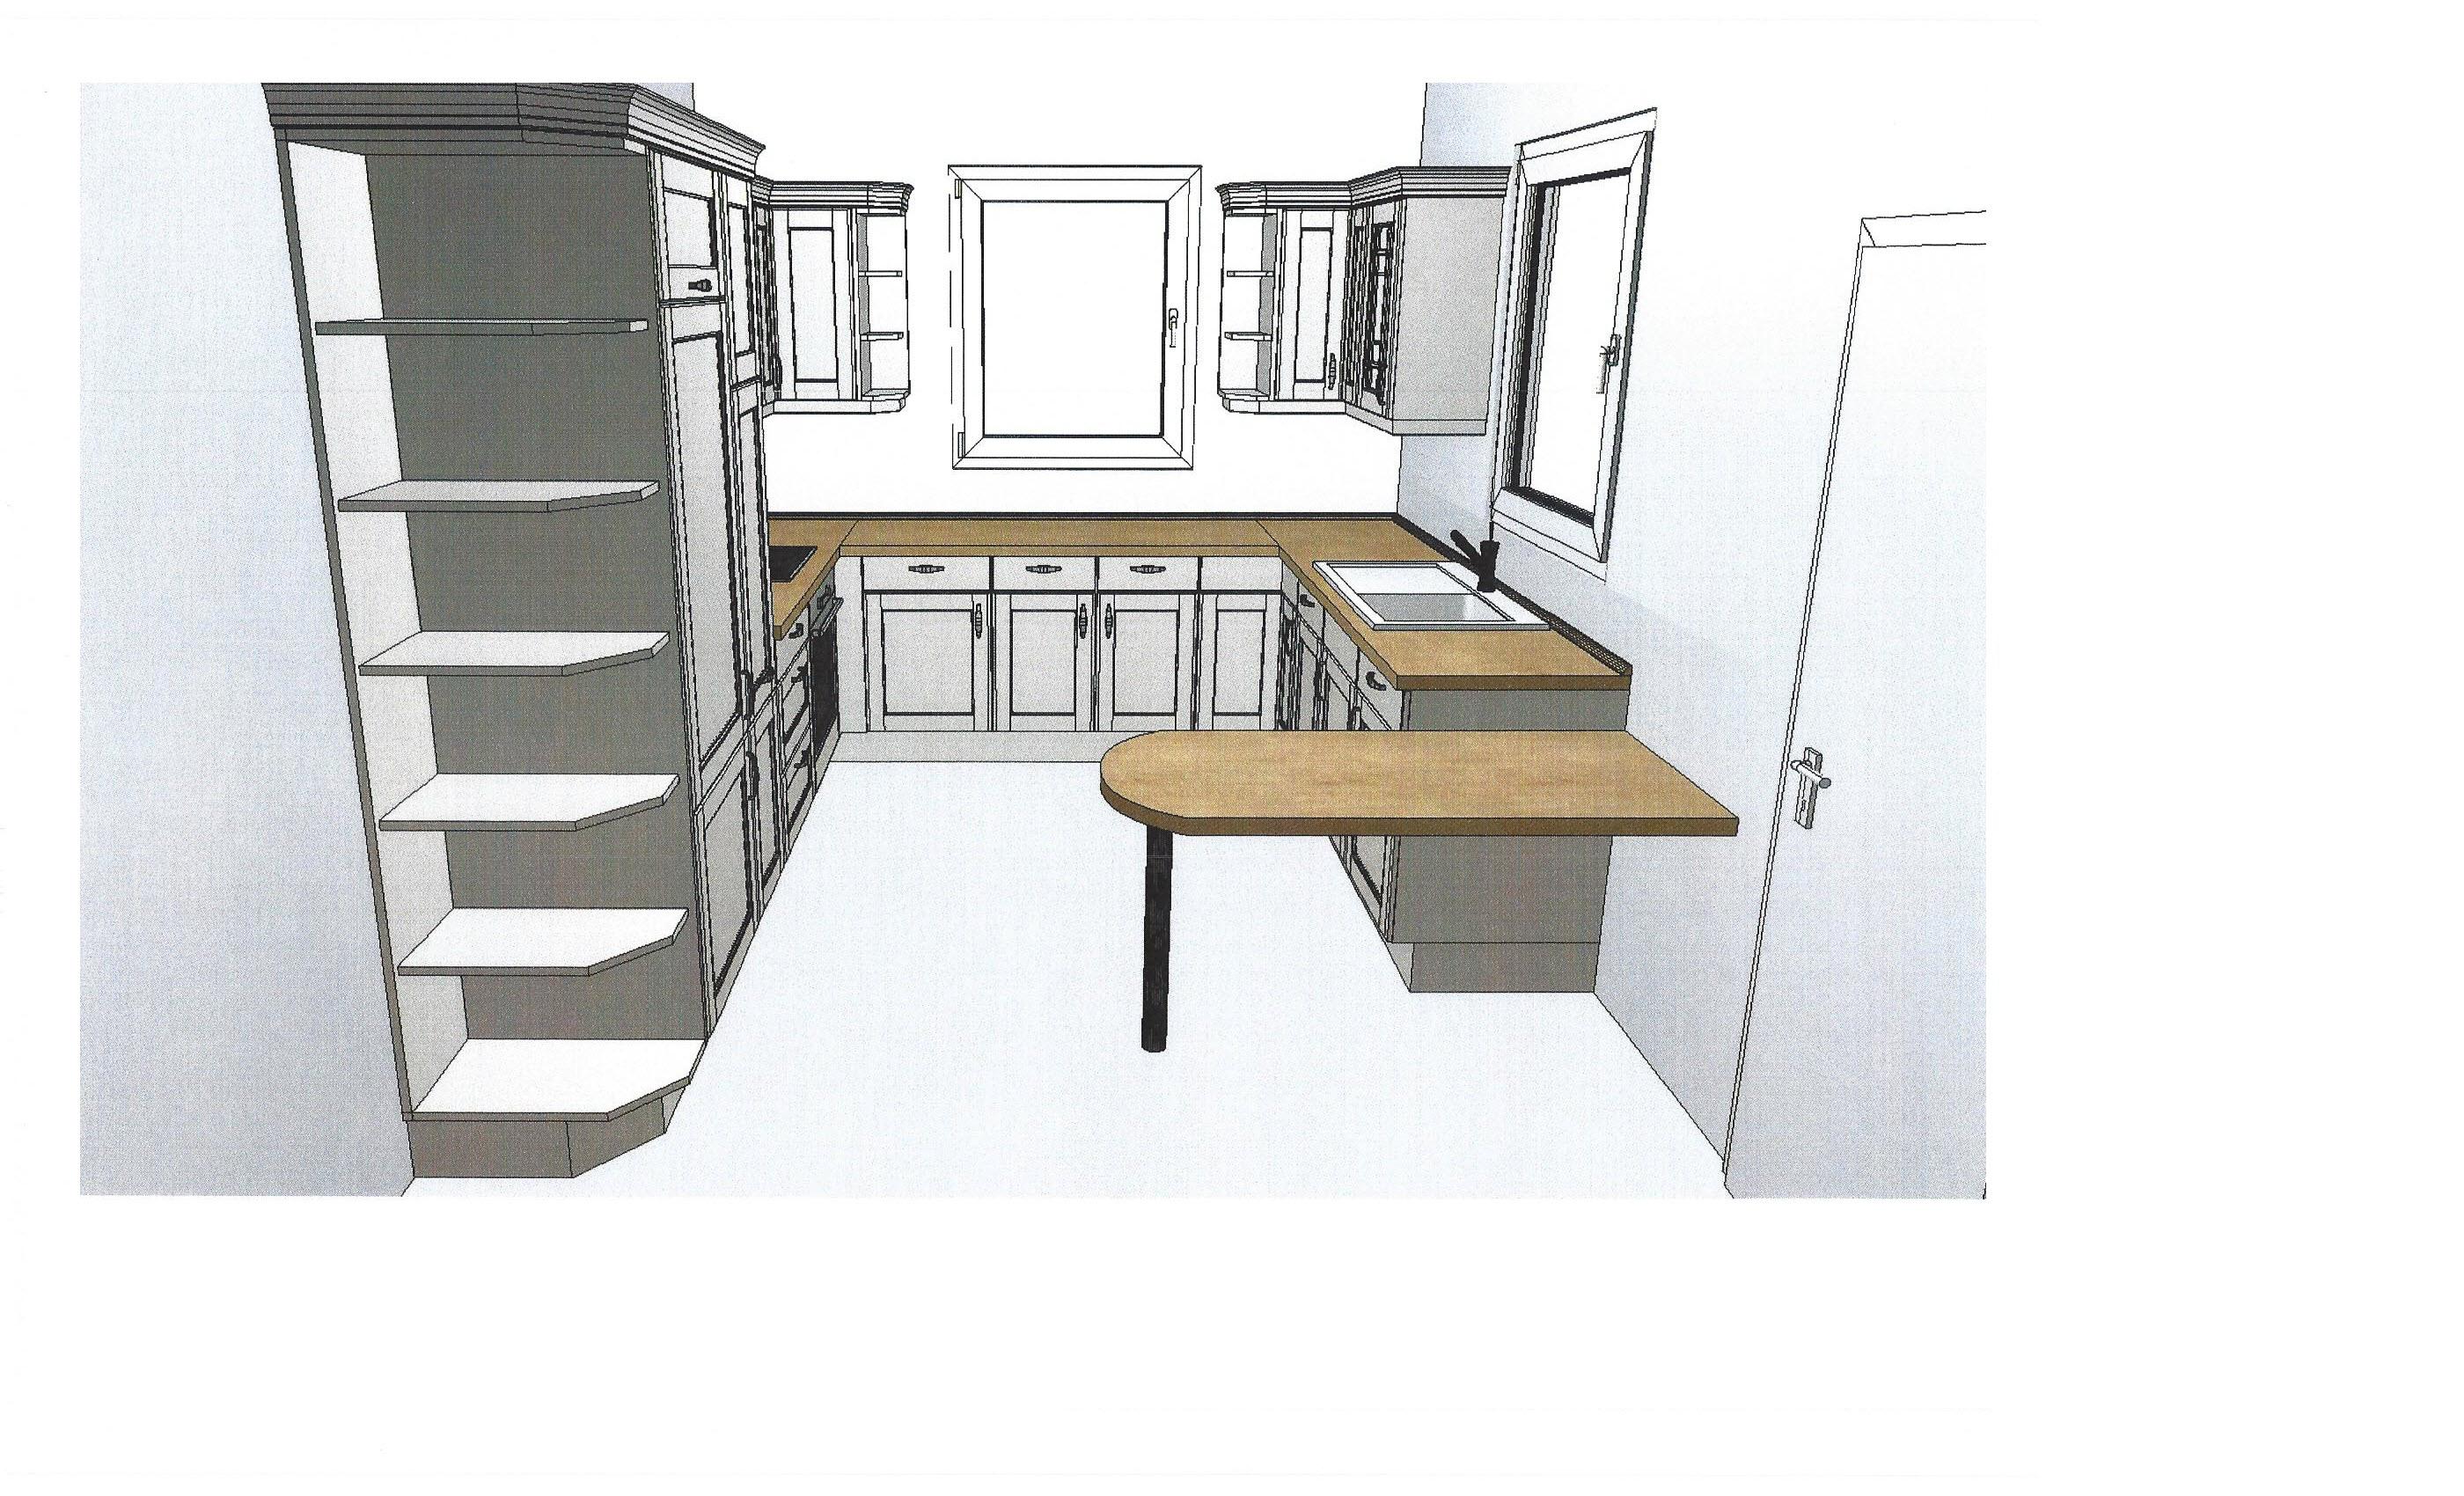 k chenkauf auf dem nachhauseweg von berlin nach borsdorf. Black Bedroom Furniture Sets. Home Design Ideas